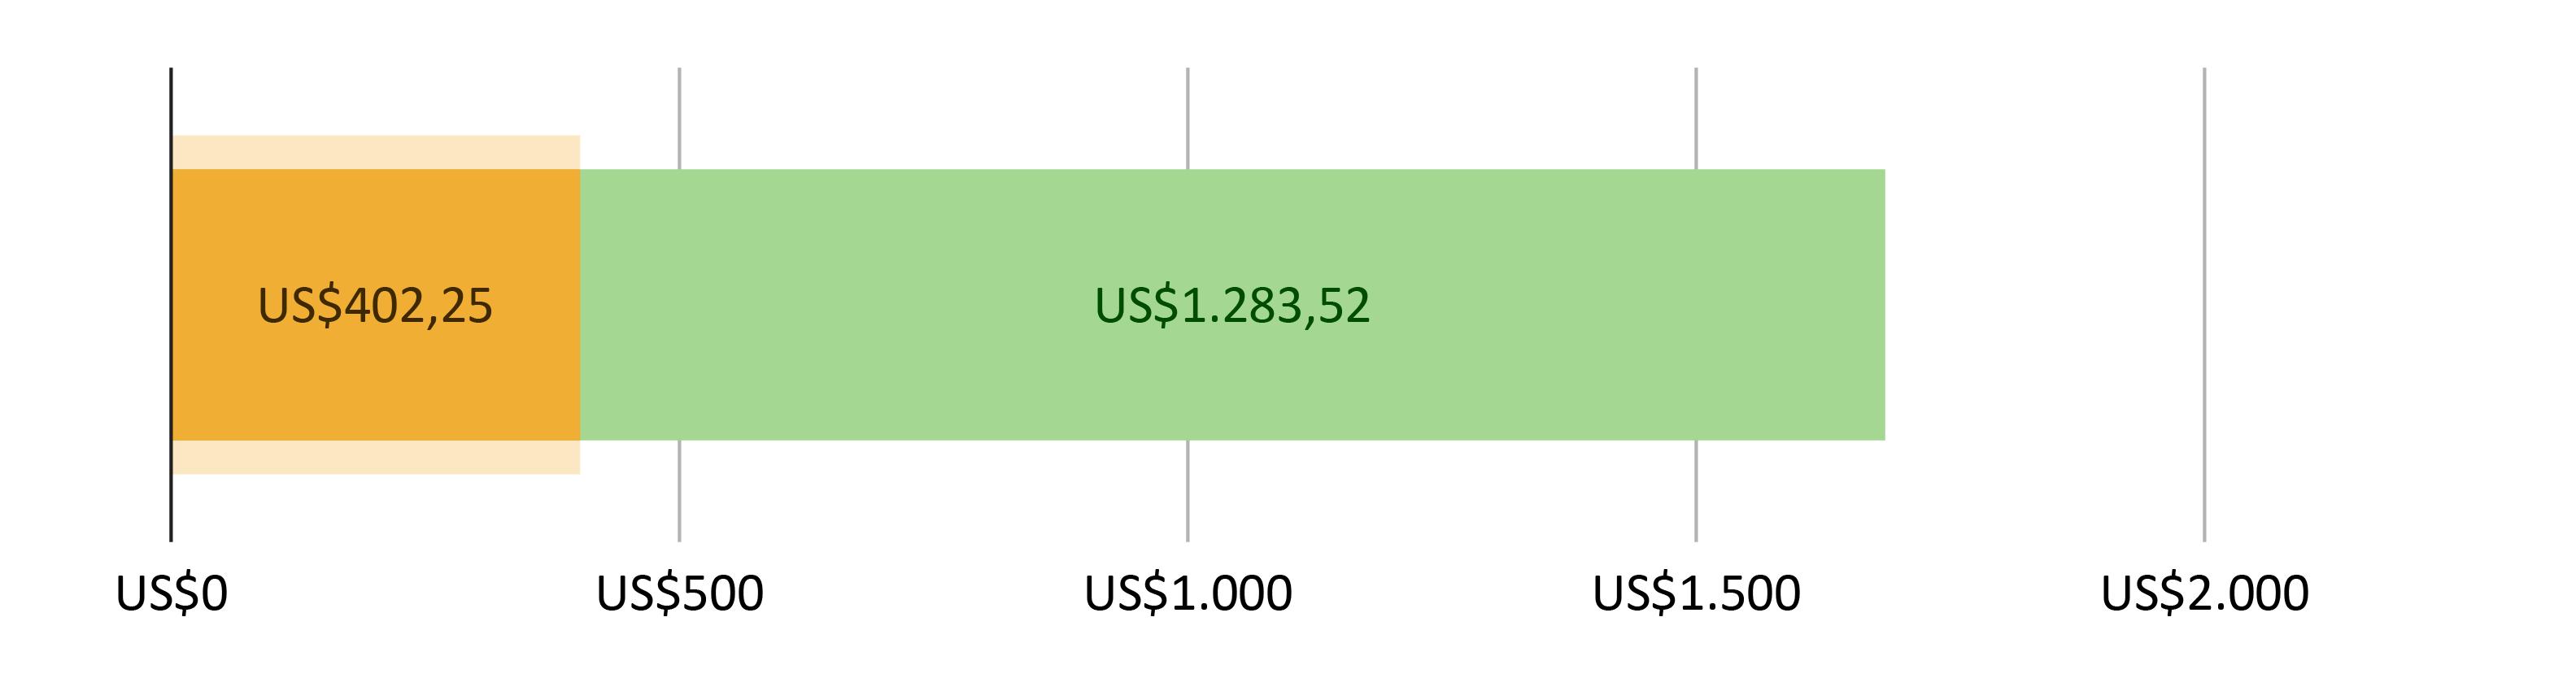 US$402,25 gastos; mais US$1.283,52 previstos